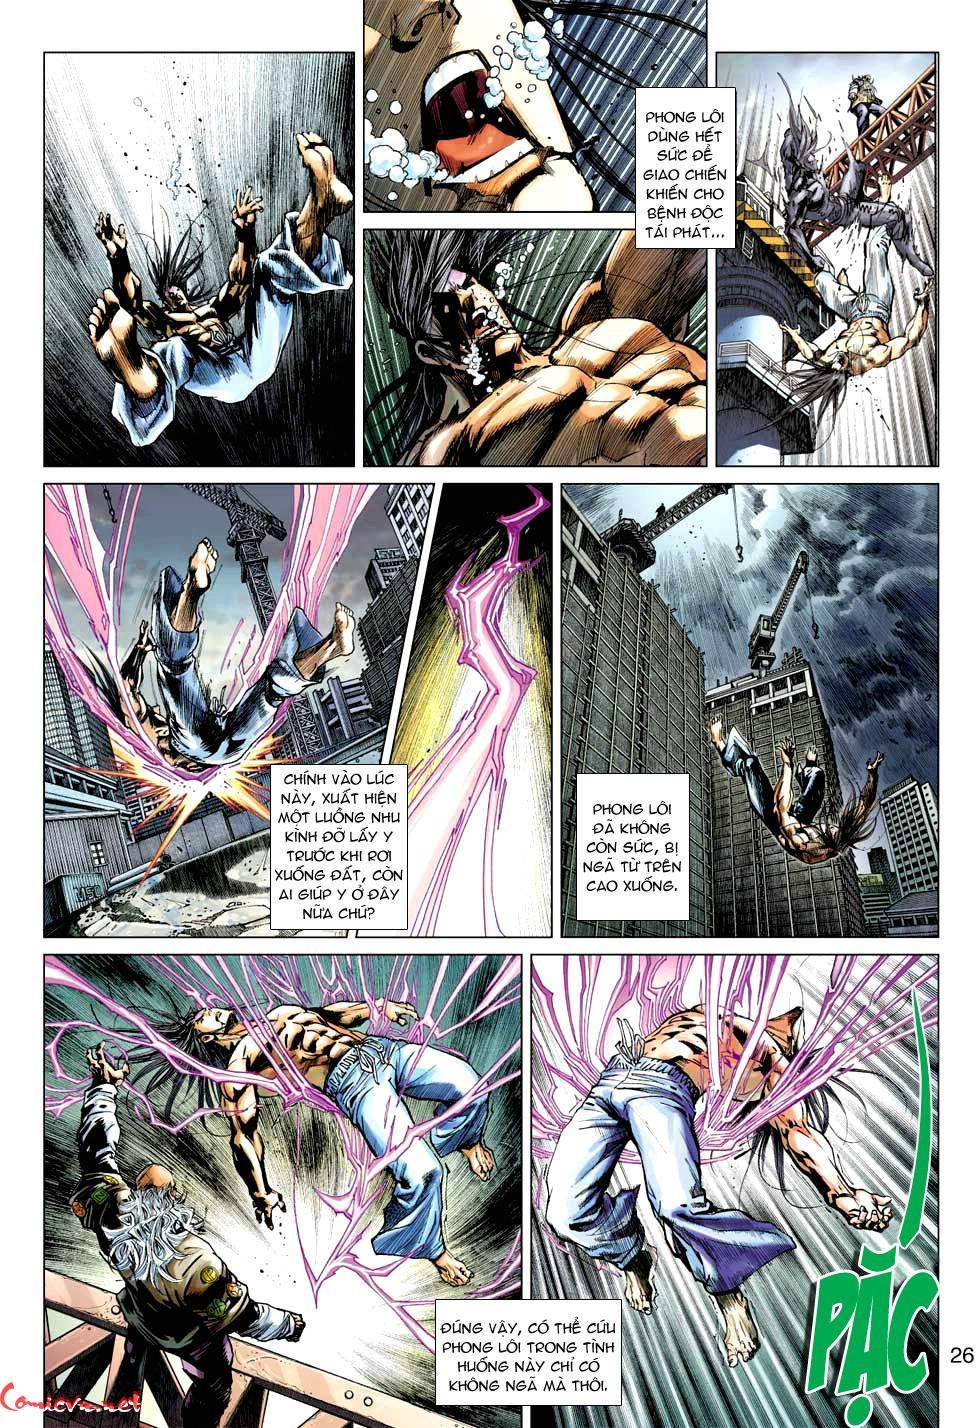 Vương Phong Lôi 1 chap 49 - Trang 27